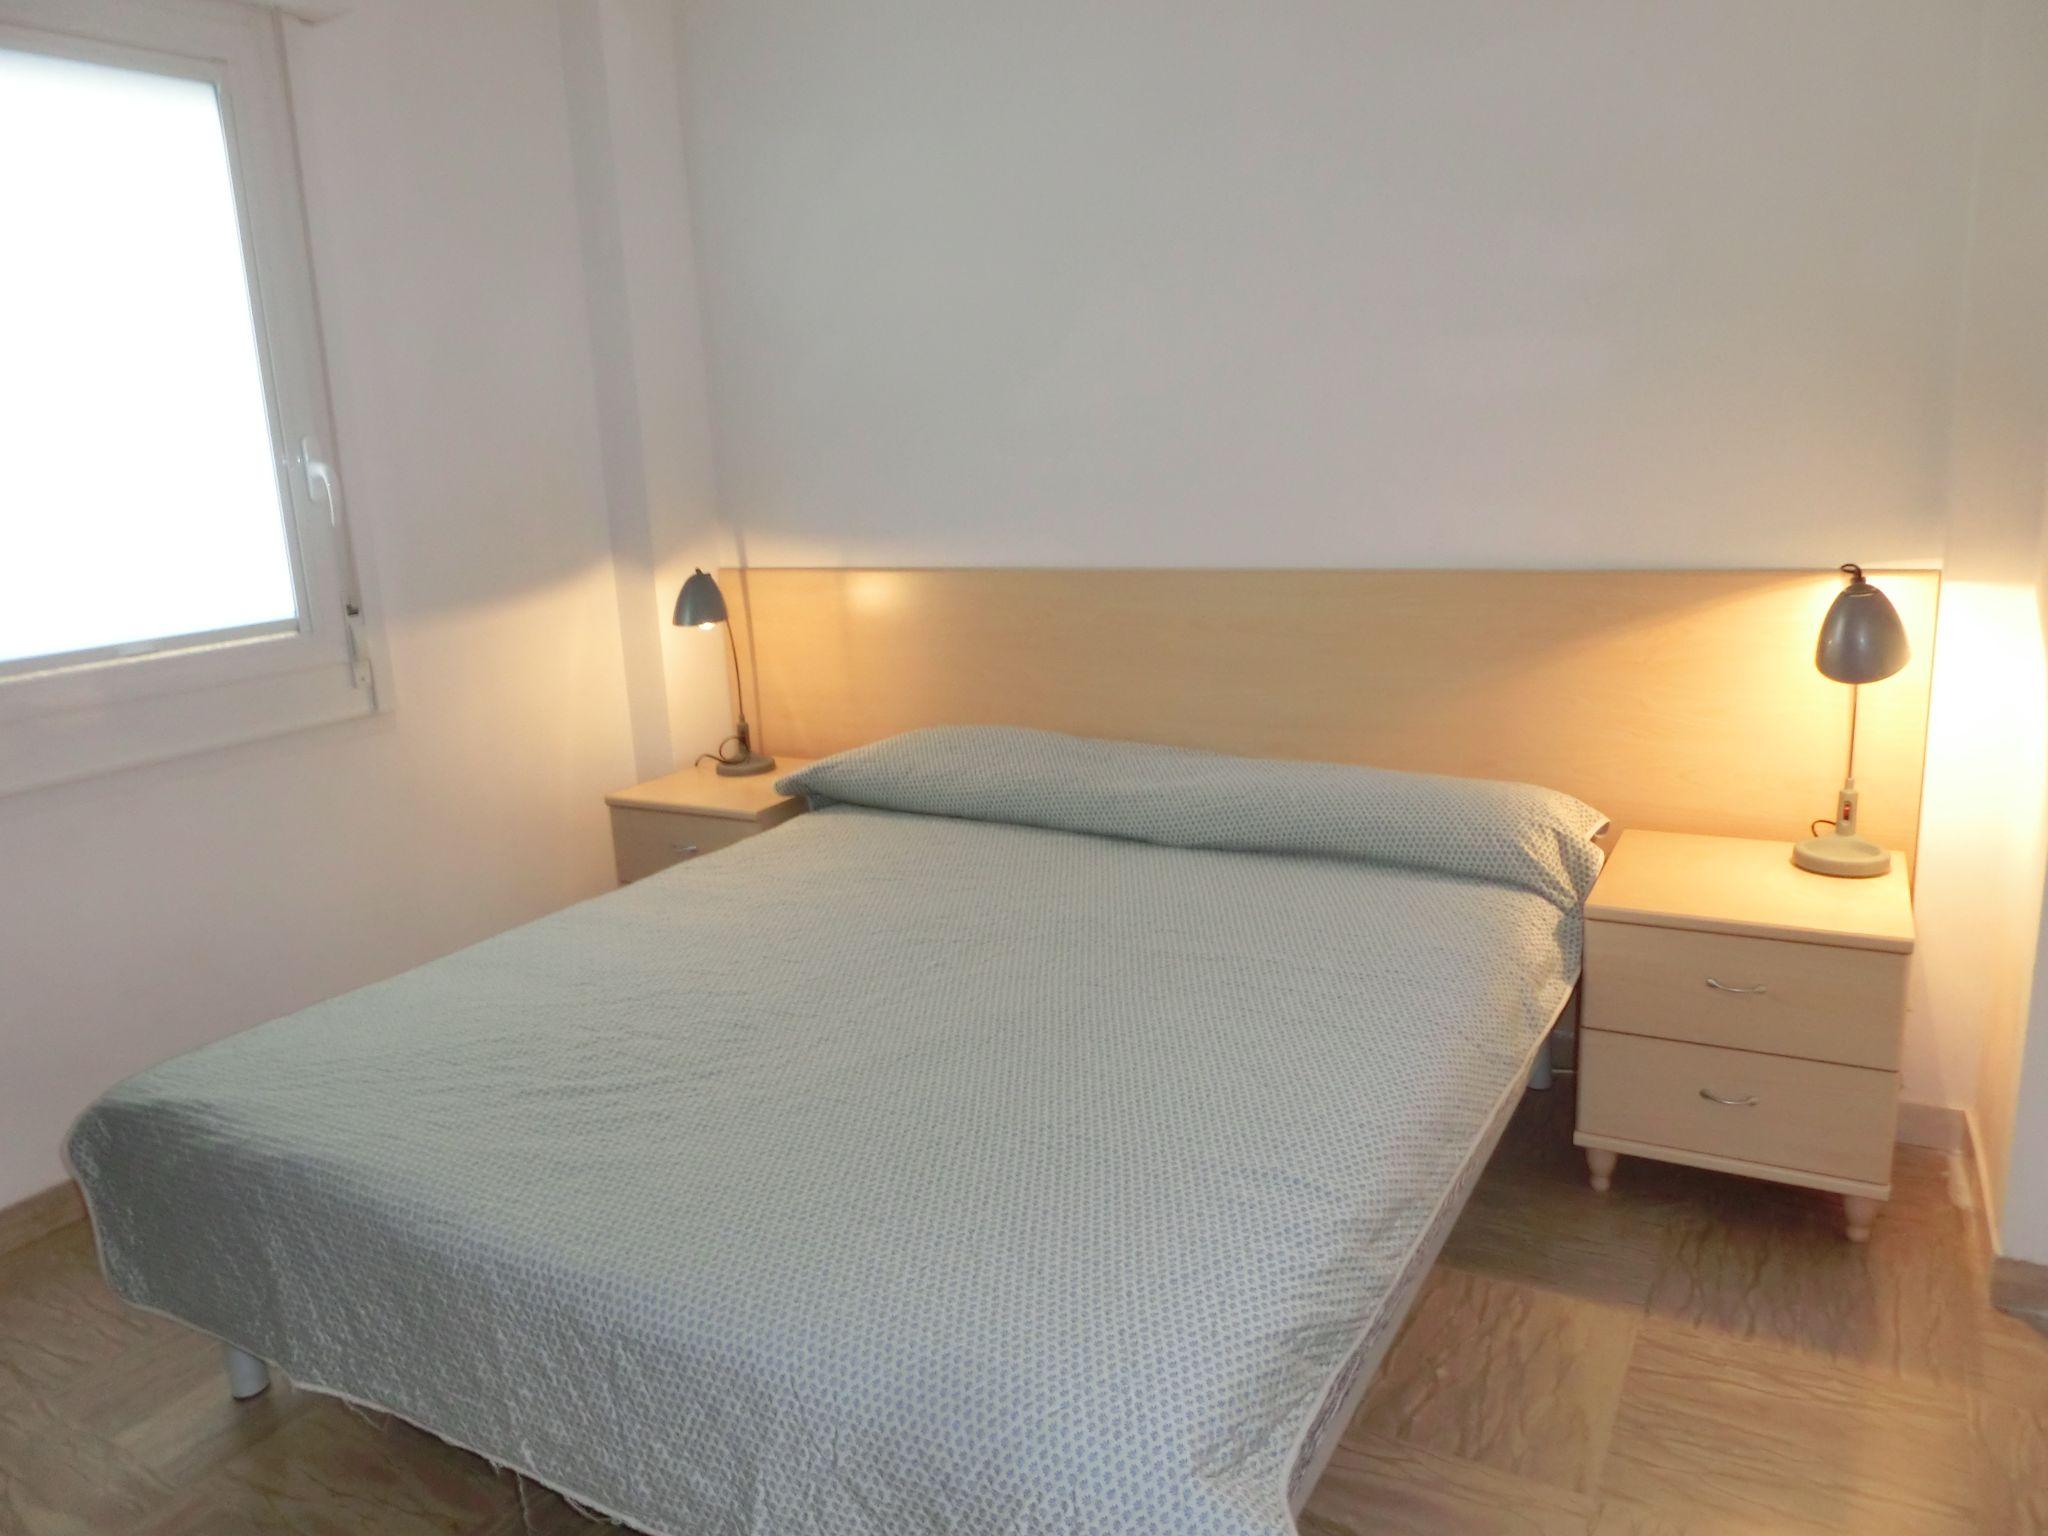 Ferienwohnung Residenz Pineda - Wohnung Tipo B1 AGMC (2989) (2807105), Bibione, Adriaküste (Venetien), Venetien, Italien, Bild 8